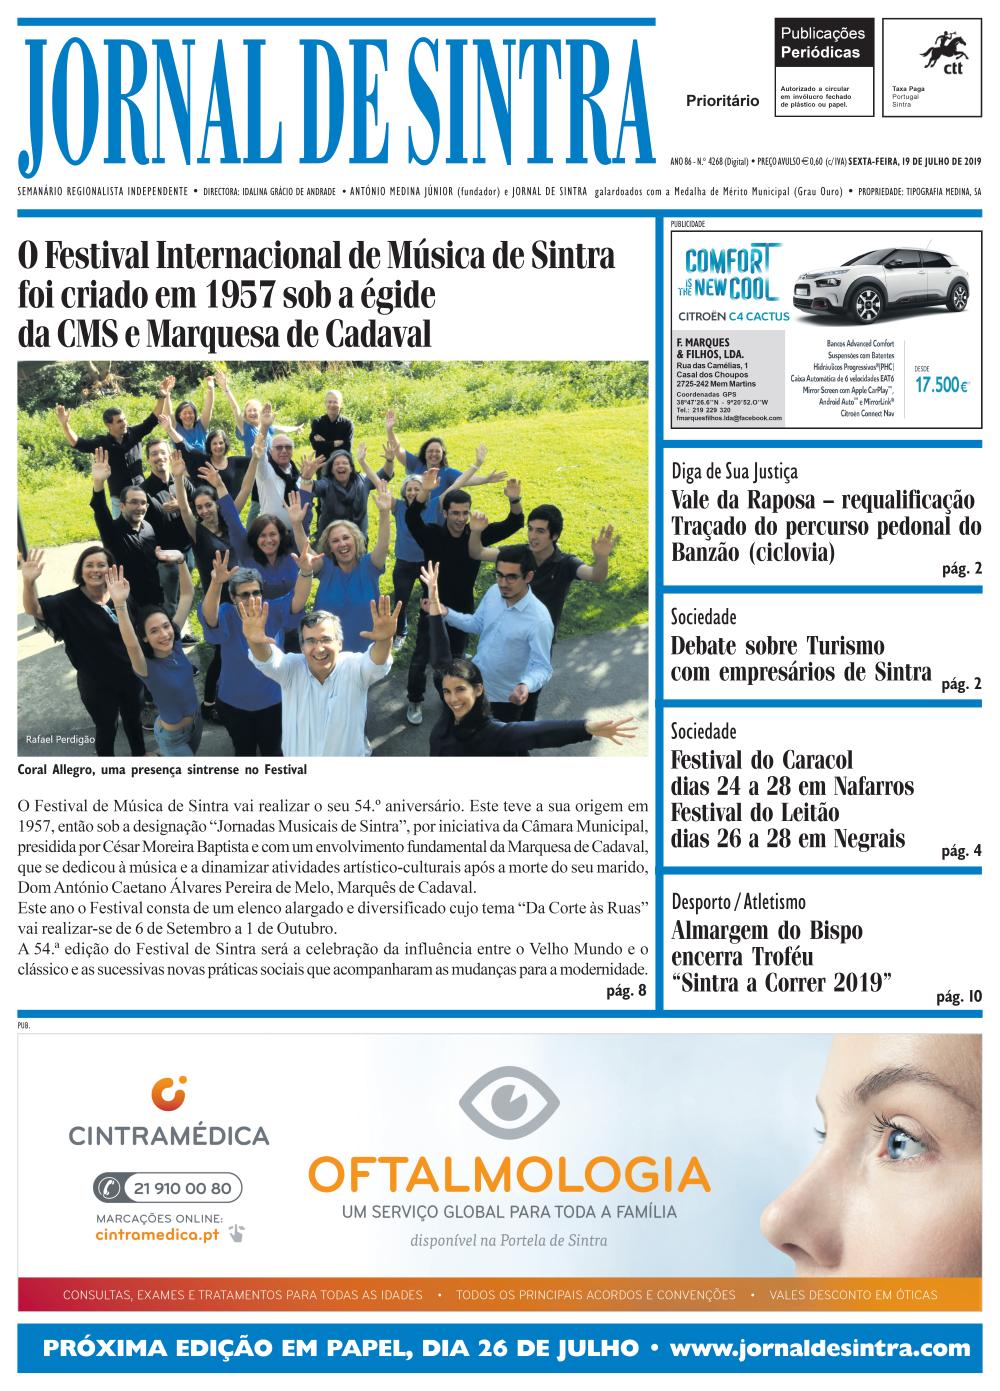 Capa da edição de 19/07/2019